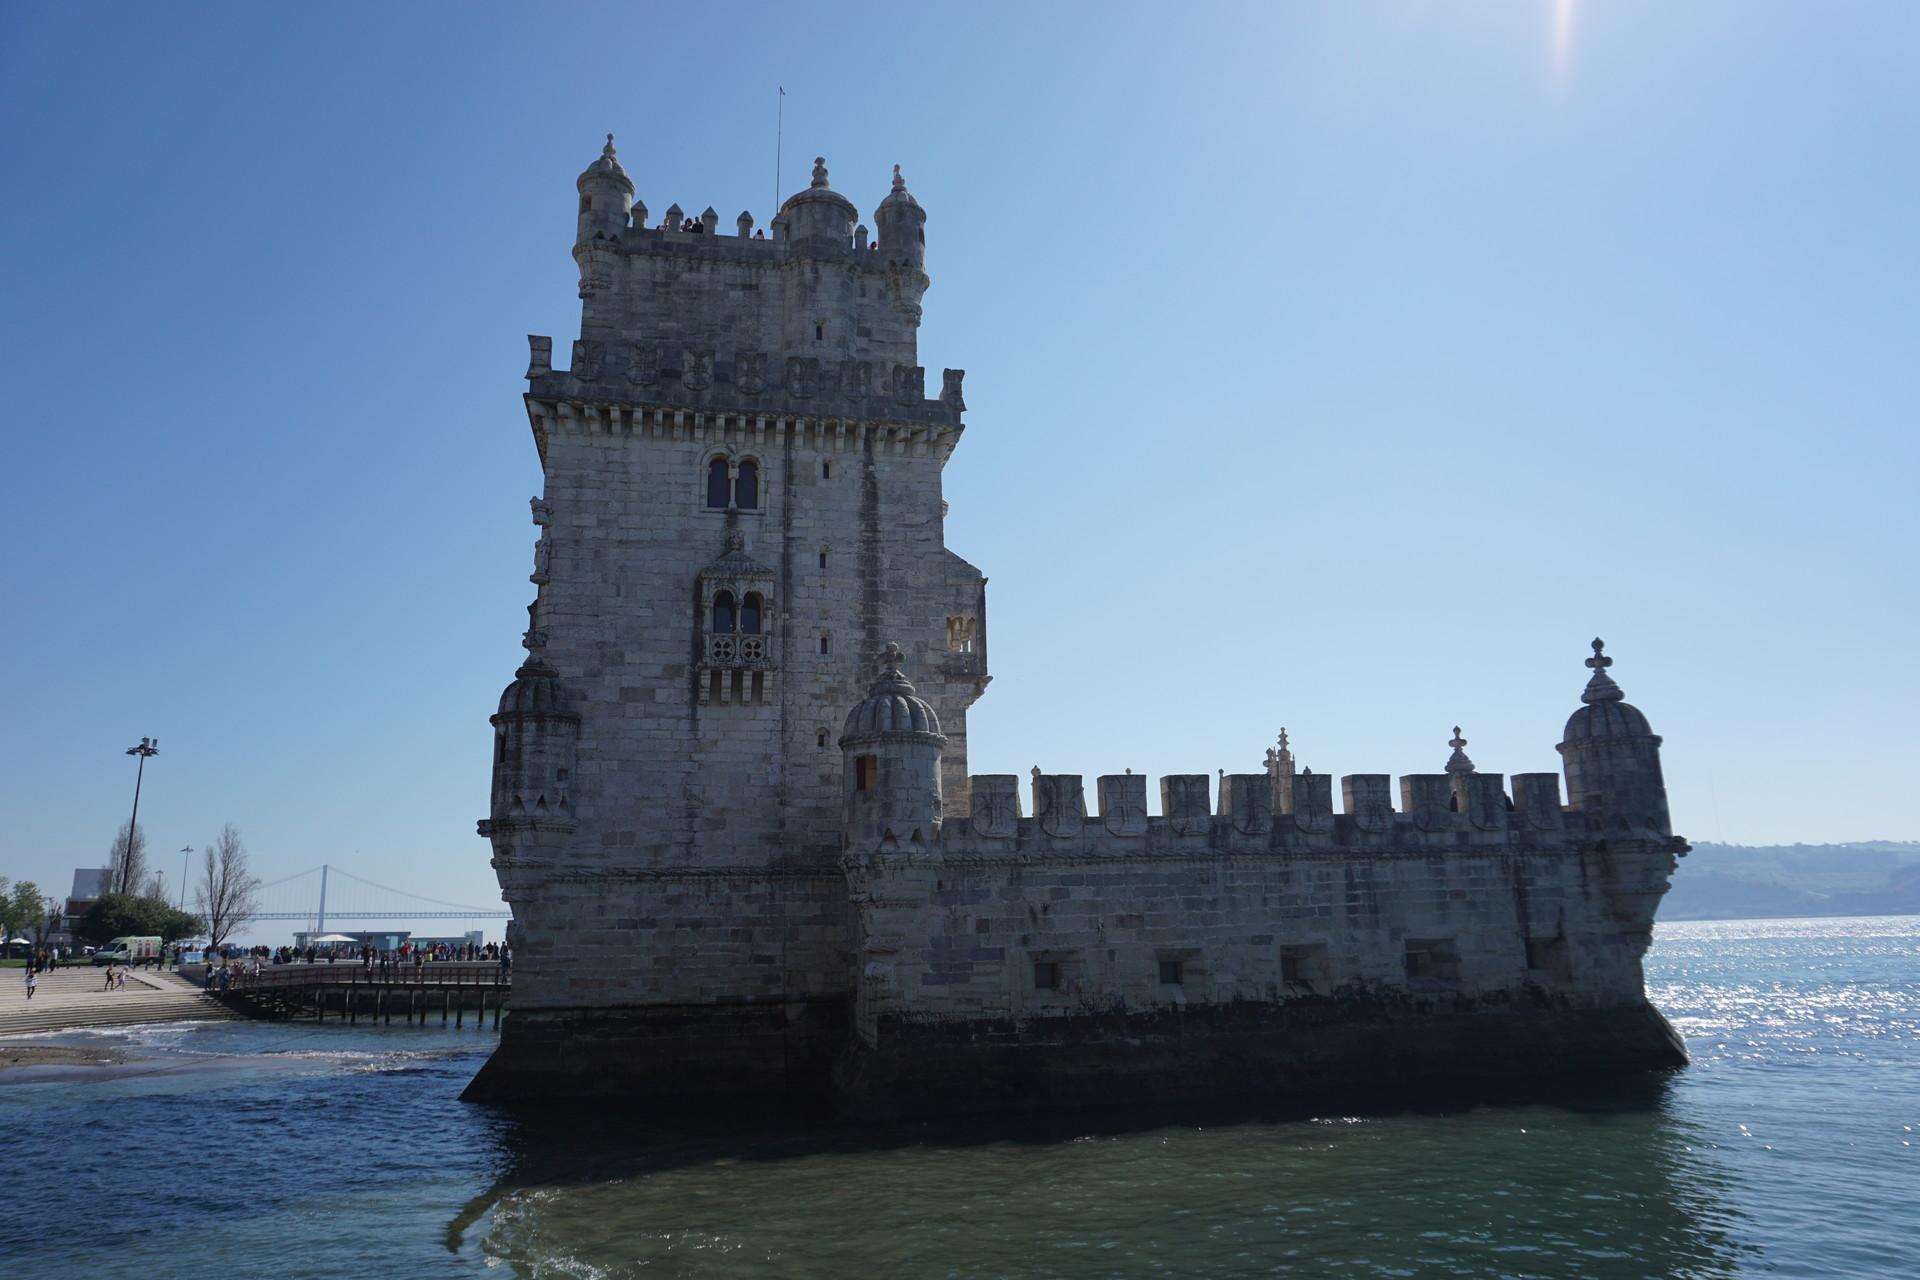 torre-de-belem-6361284e7b0ac64b179a3617e